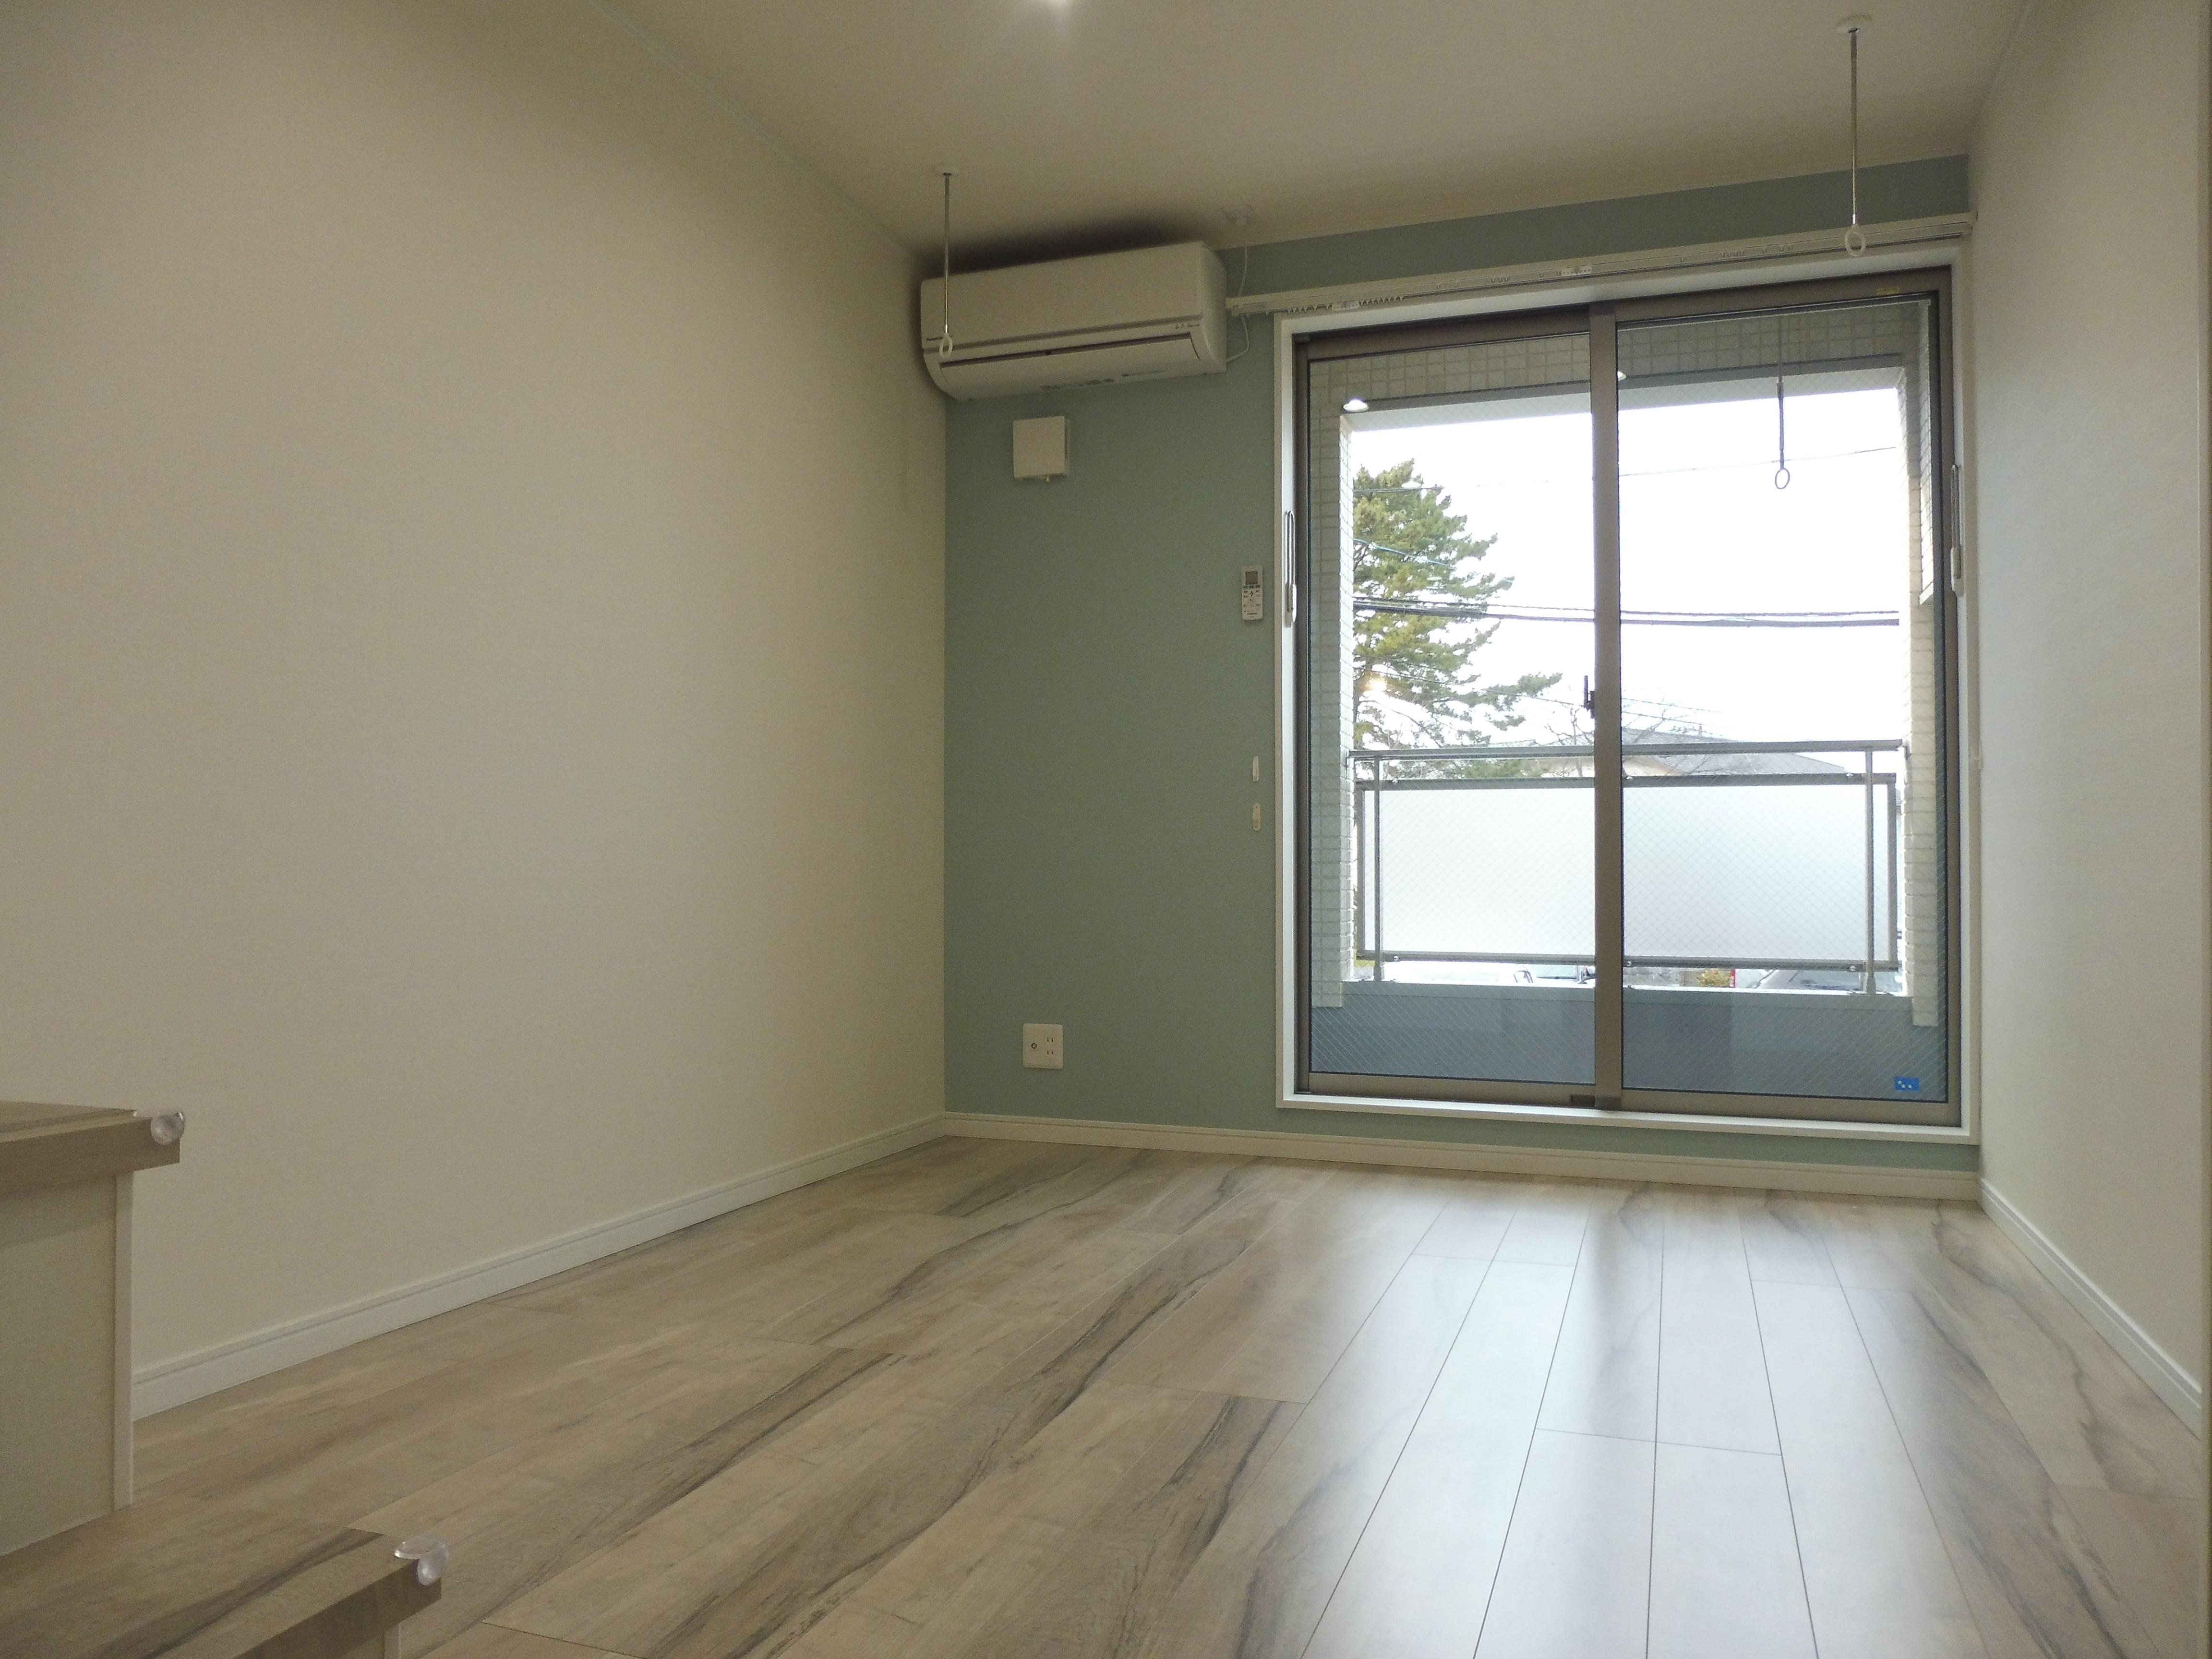 一面ブルー系のクロスで清潔感のあるお部屋です。